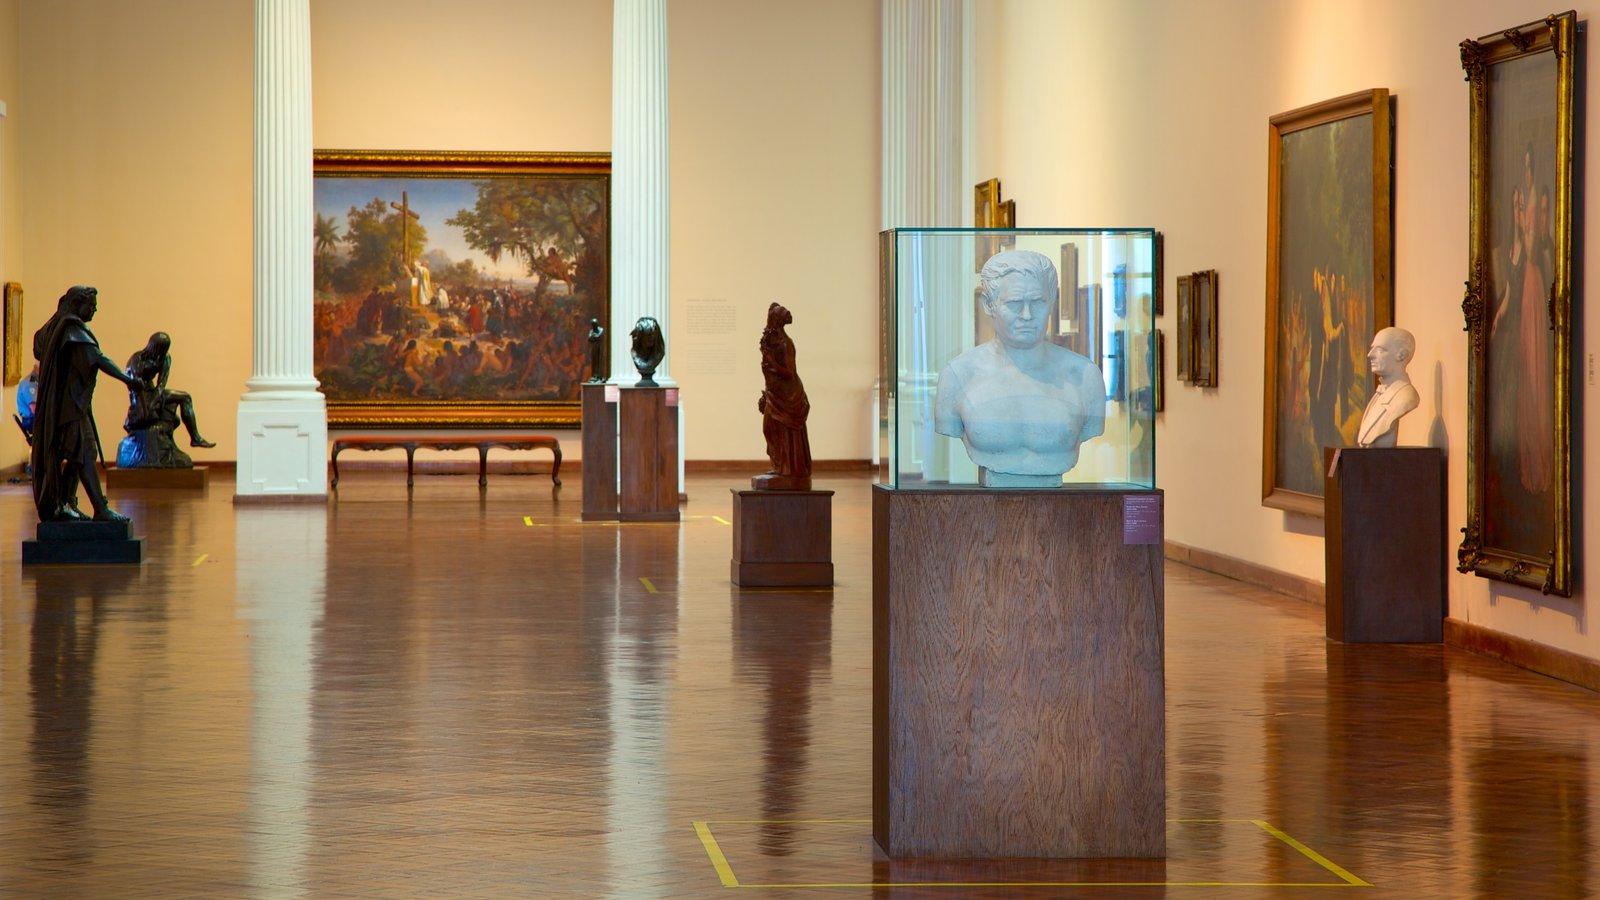 Museu Nacional de Belas Artes mostrando arte e vistas internas